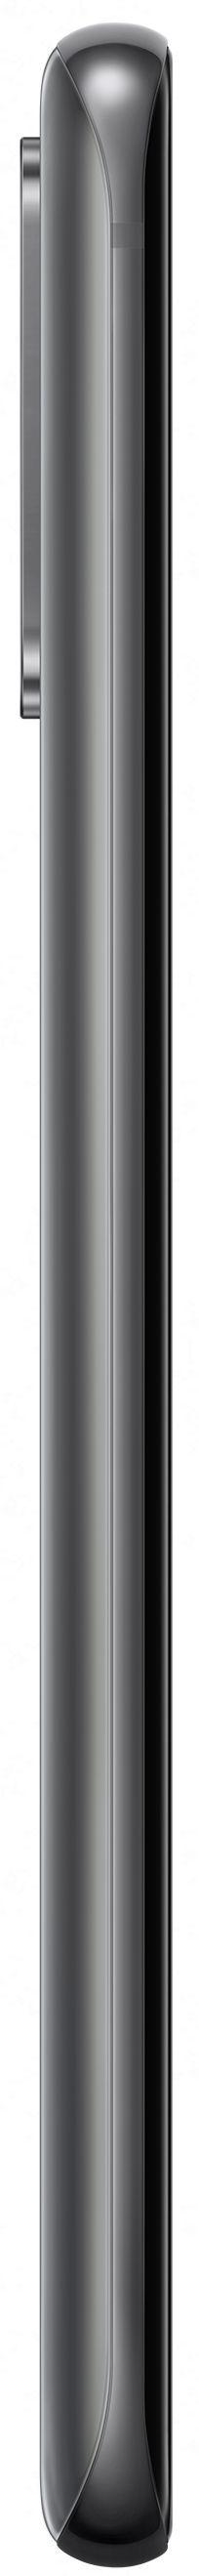 Смартфон Samsung Galaxy S20 (SM-G980FZADSEK) Gray от Територія твоєї техніки - 4